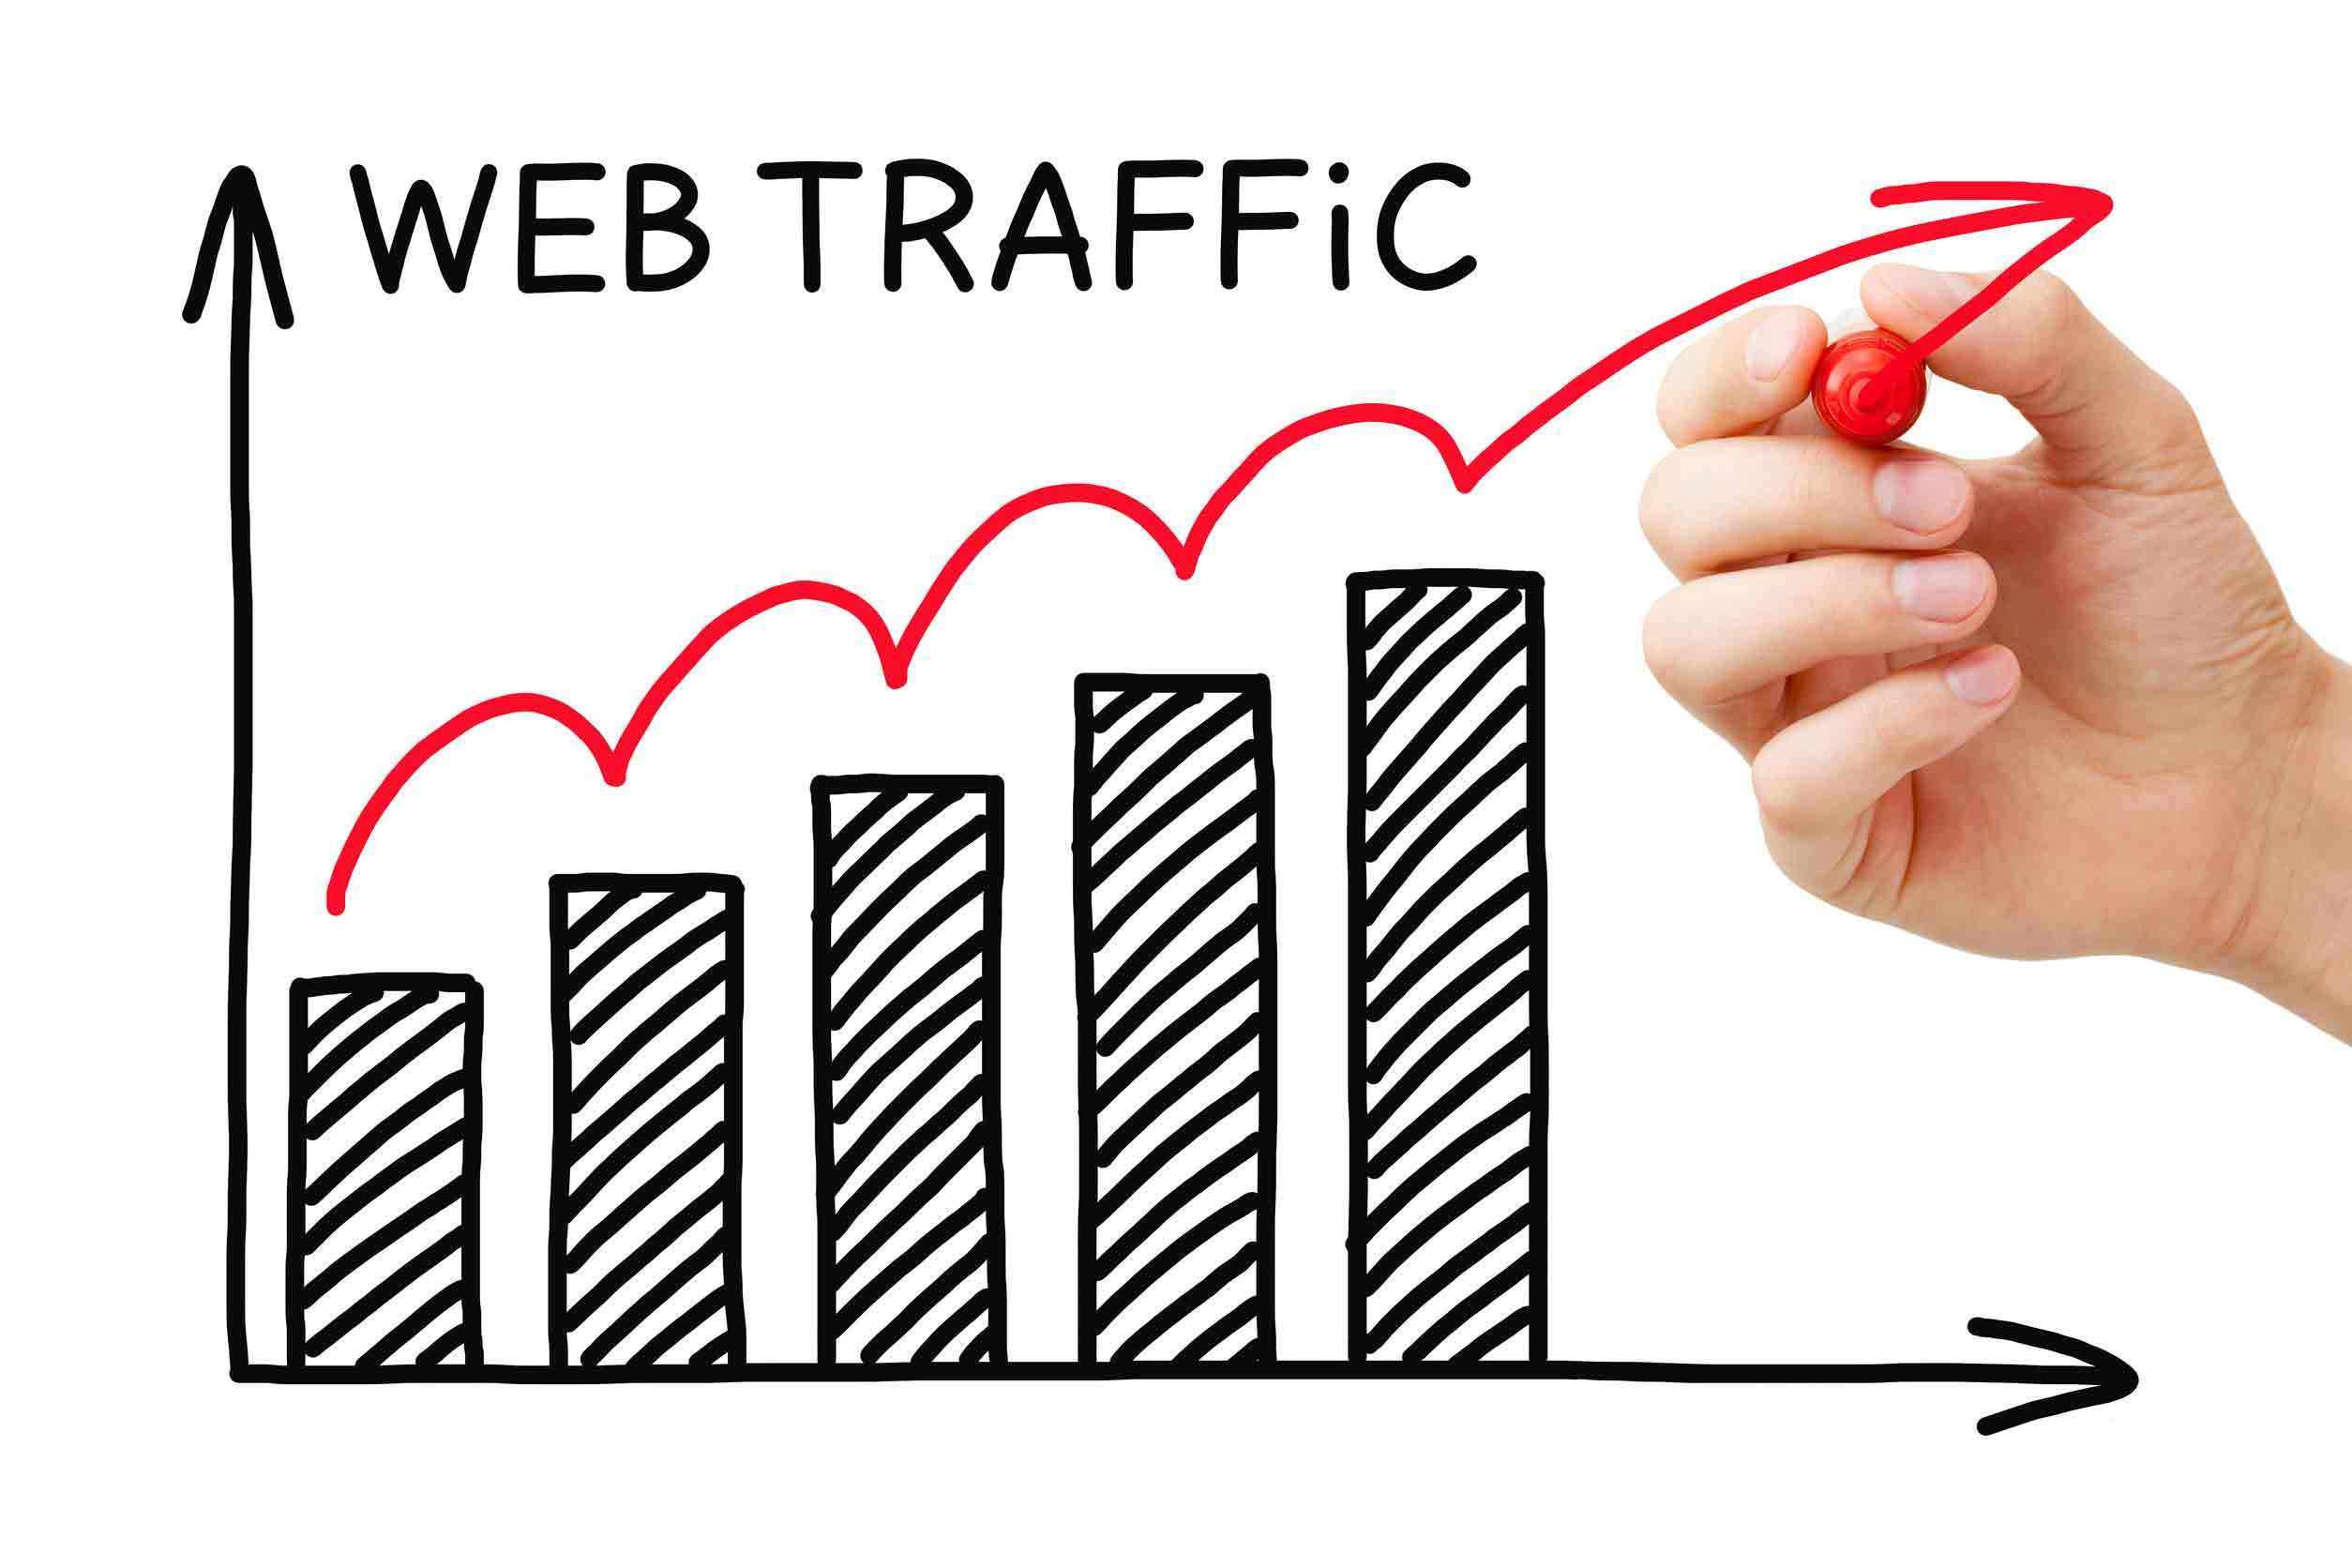 increase-website-traffic-sonority-group-web.jpg